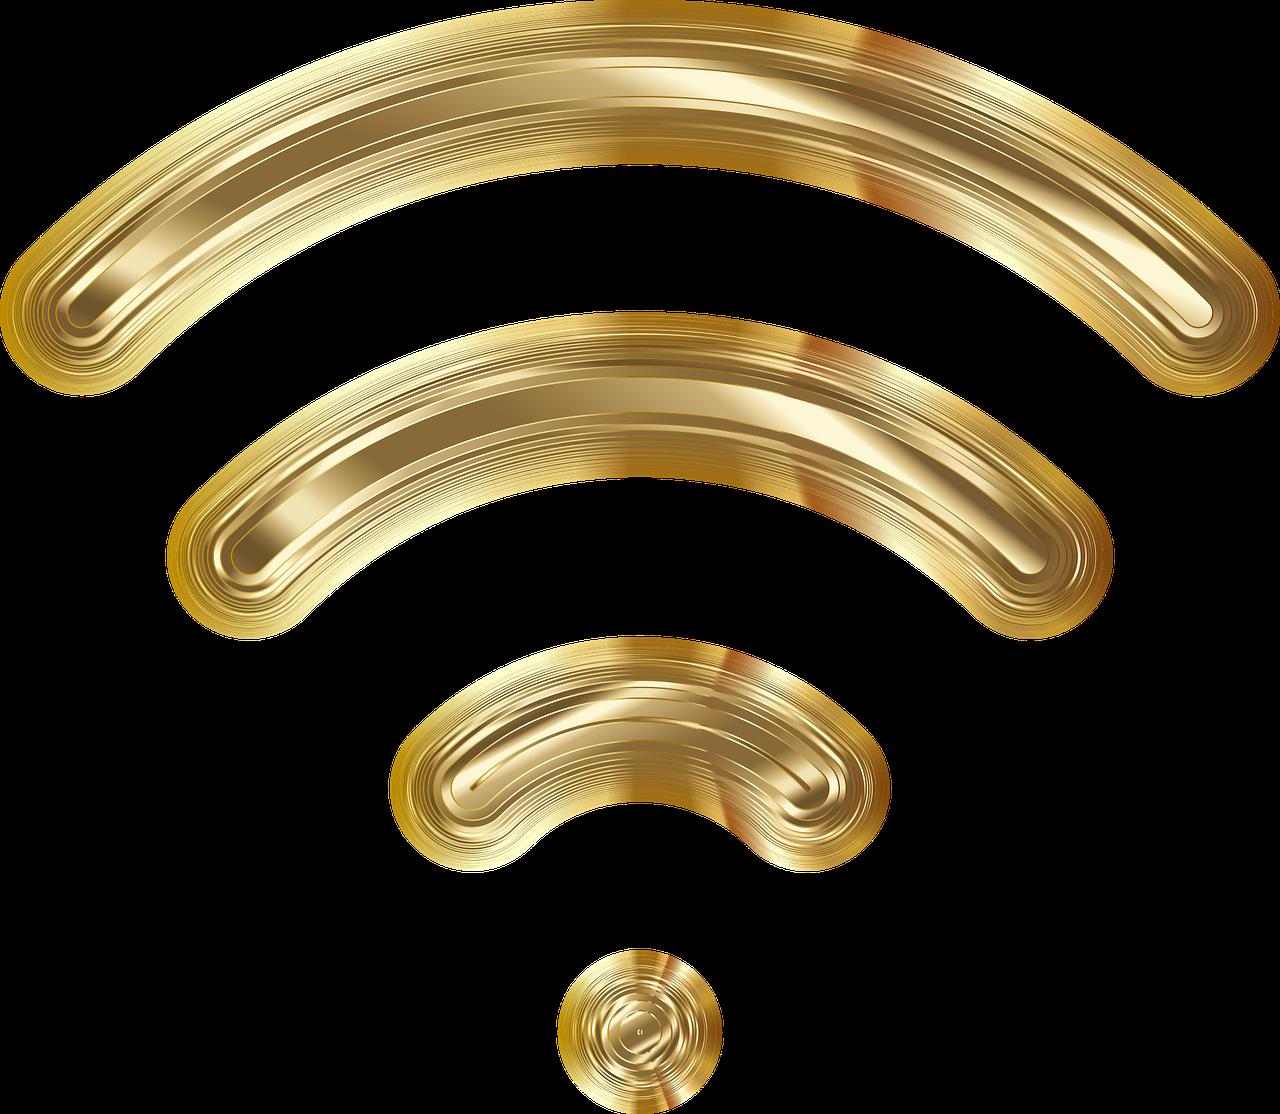 Wi-Fiの読み方を教えてください。ウィーフィー? フィーフィ?